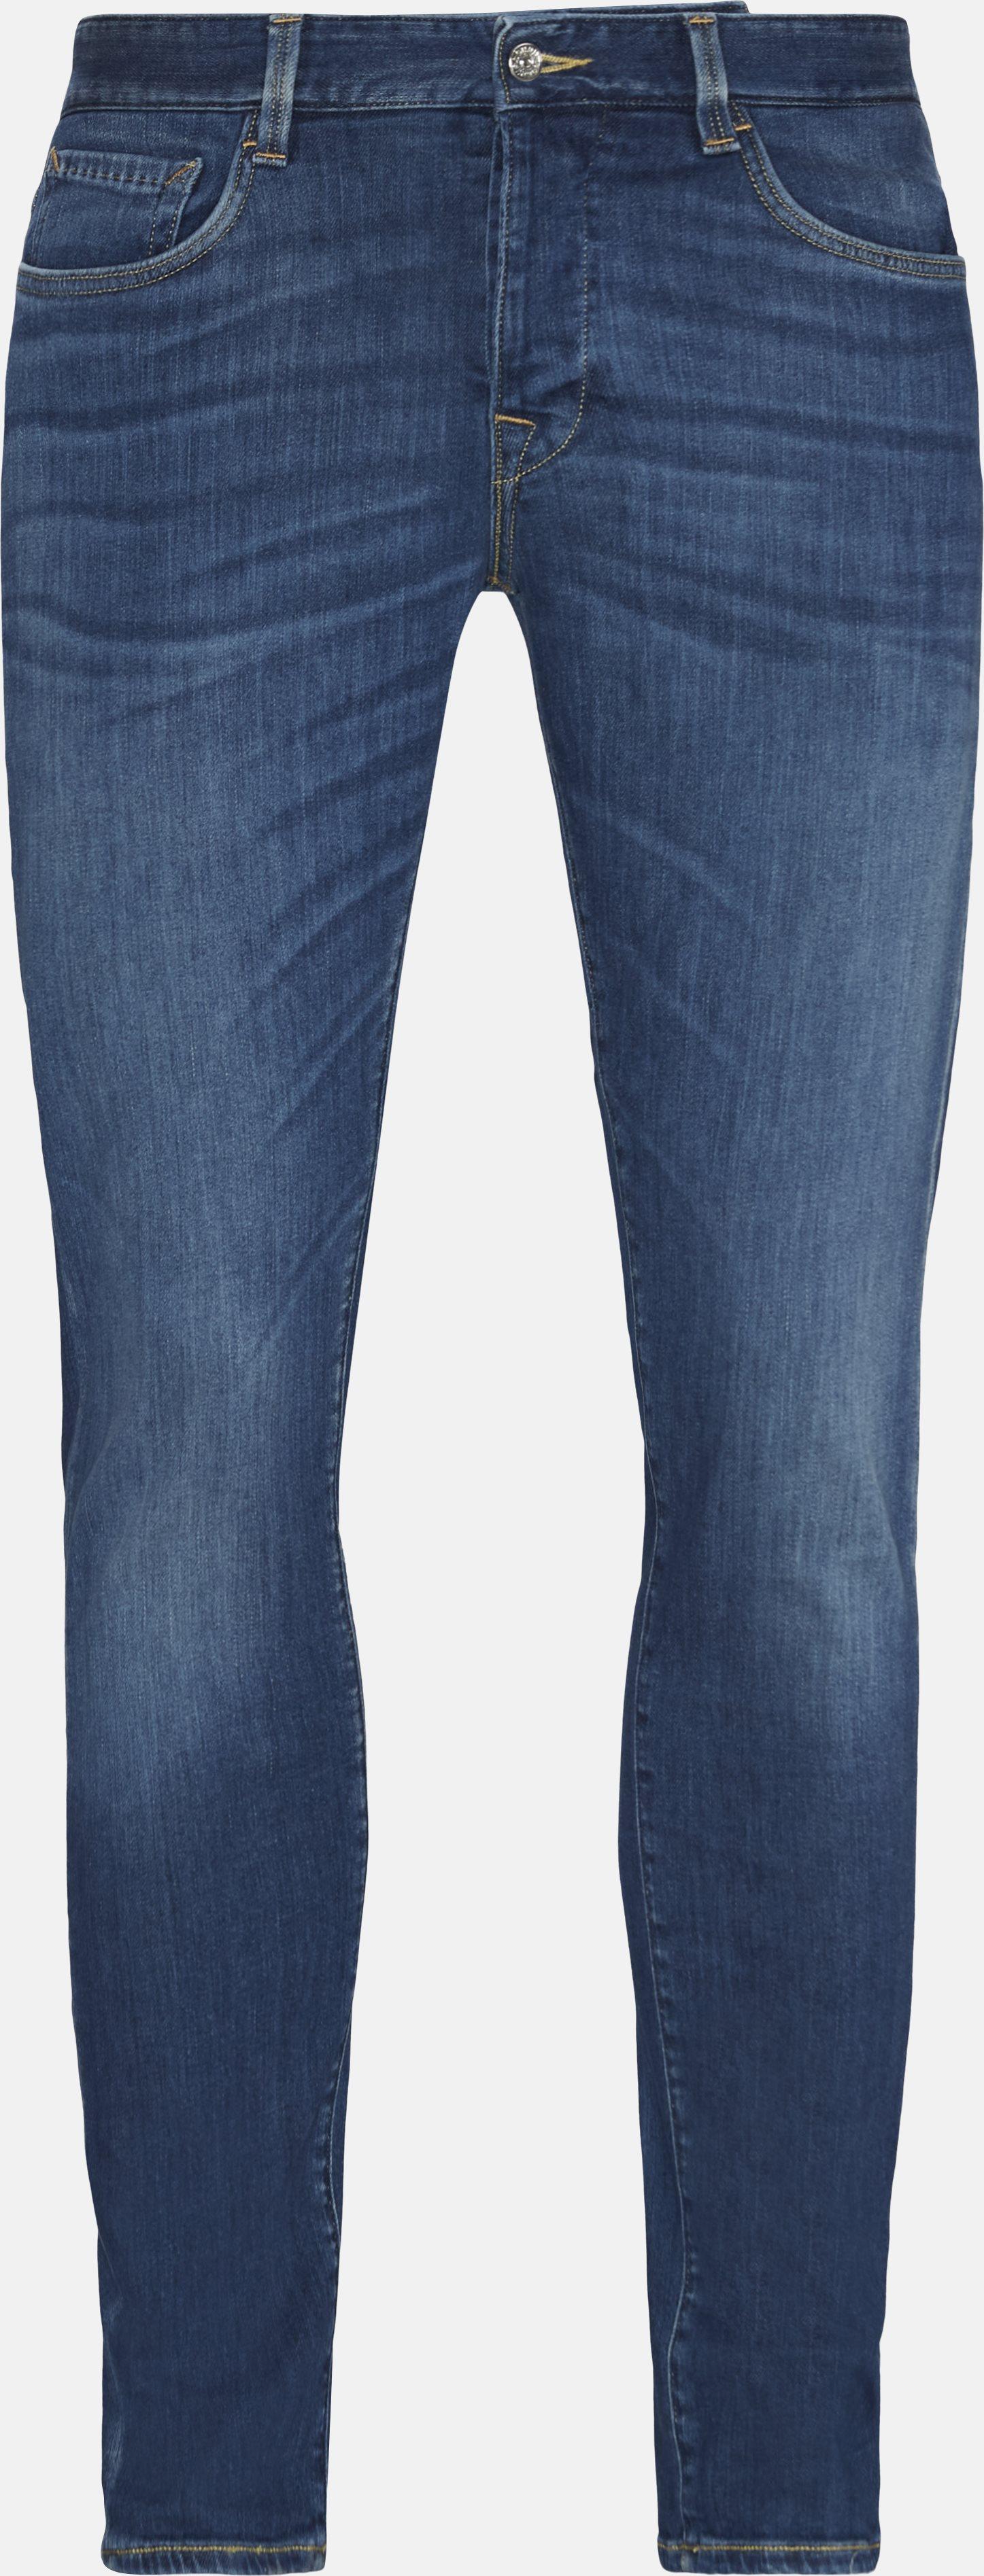 Jeans - Slim fit - Blå